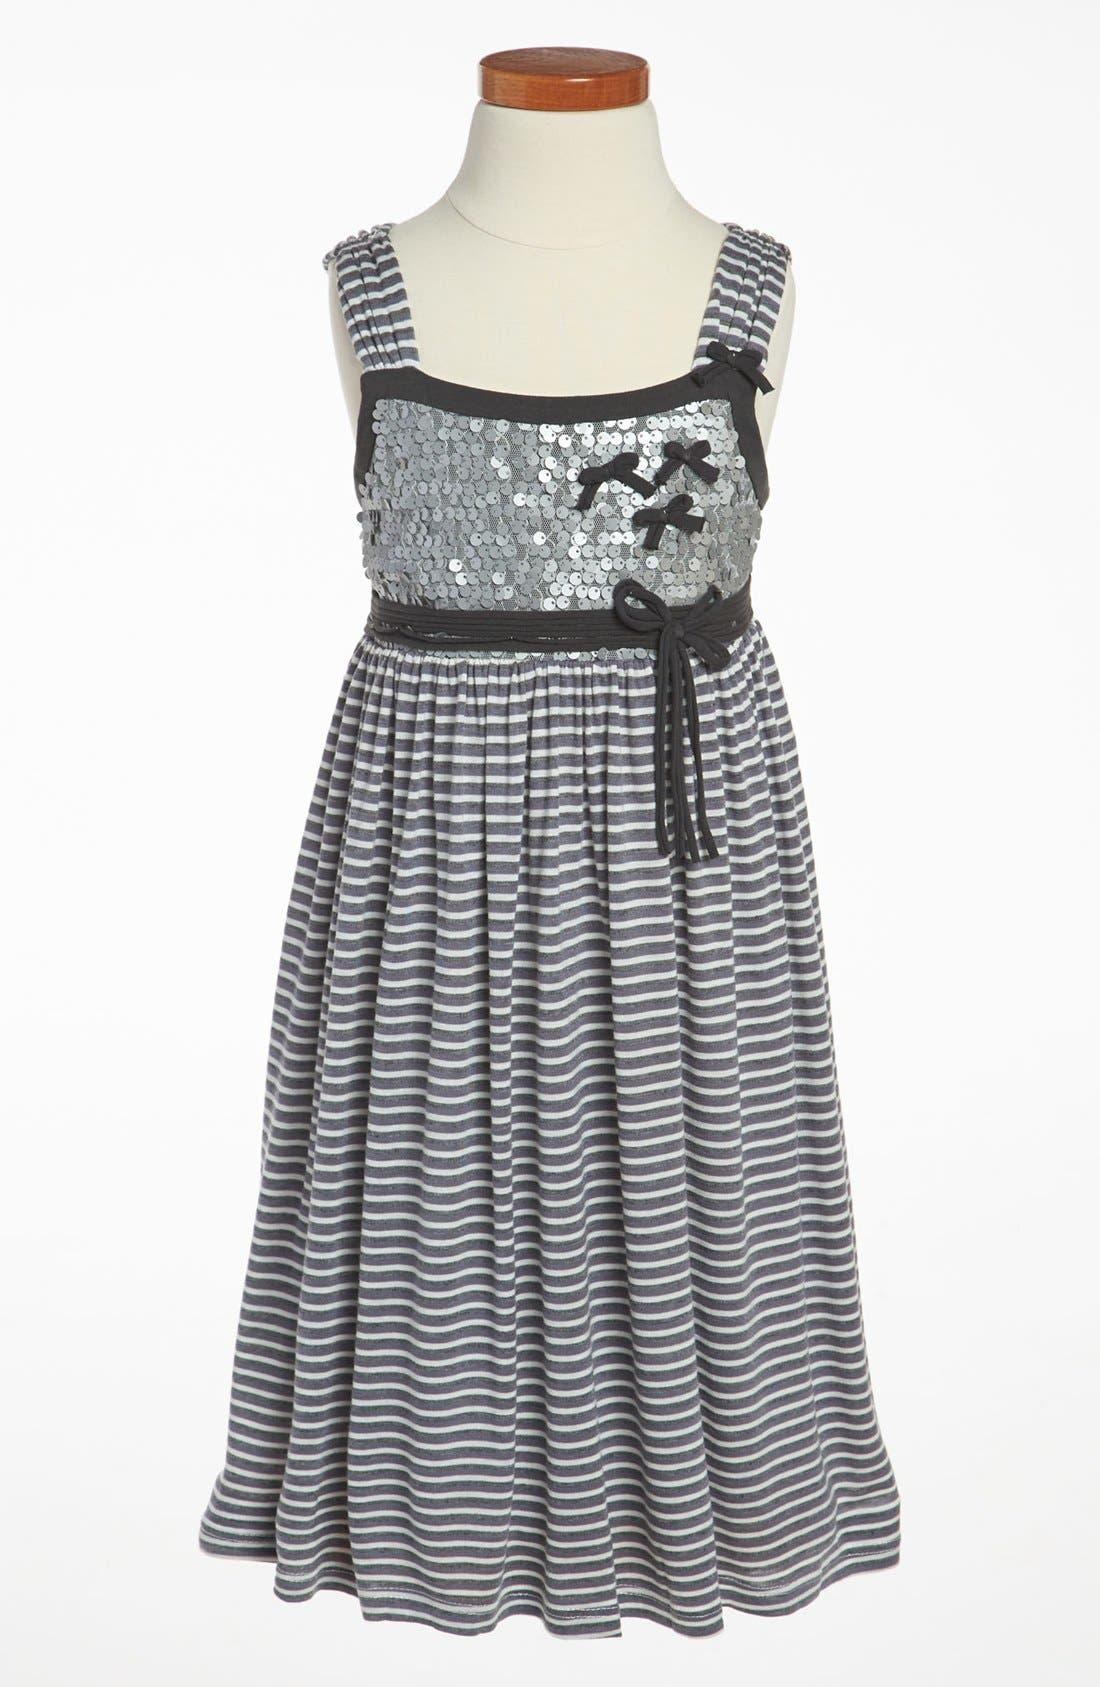 Alternate Image 1 Selected - Isobella & Chloe Stripe Dress (Little Girls & Big Girls)